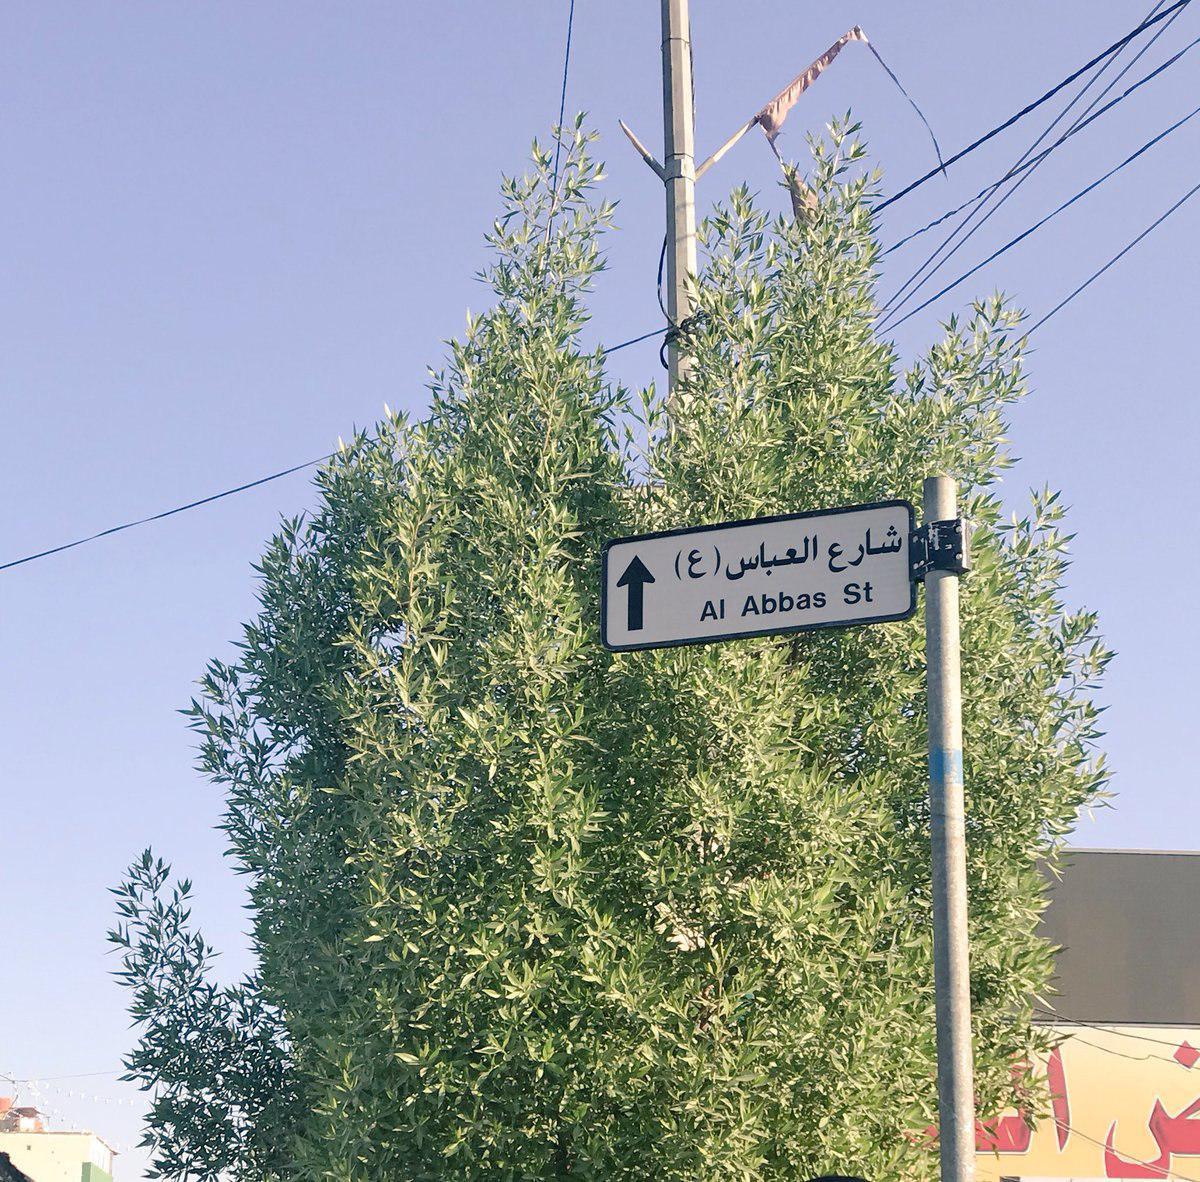 صورة مطالبات برفع الحواجز عن شارع العباس عليه السلام في كربلاء اسوة بالمنطقة الخضراء